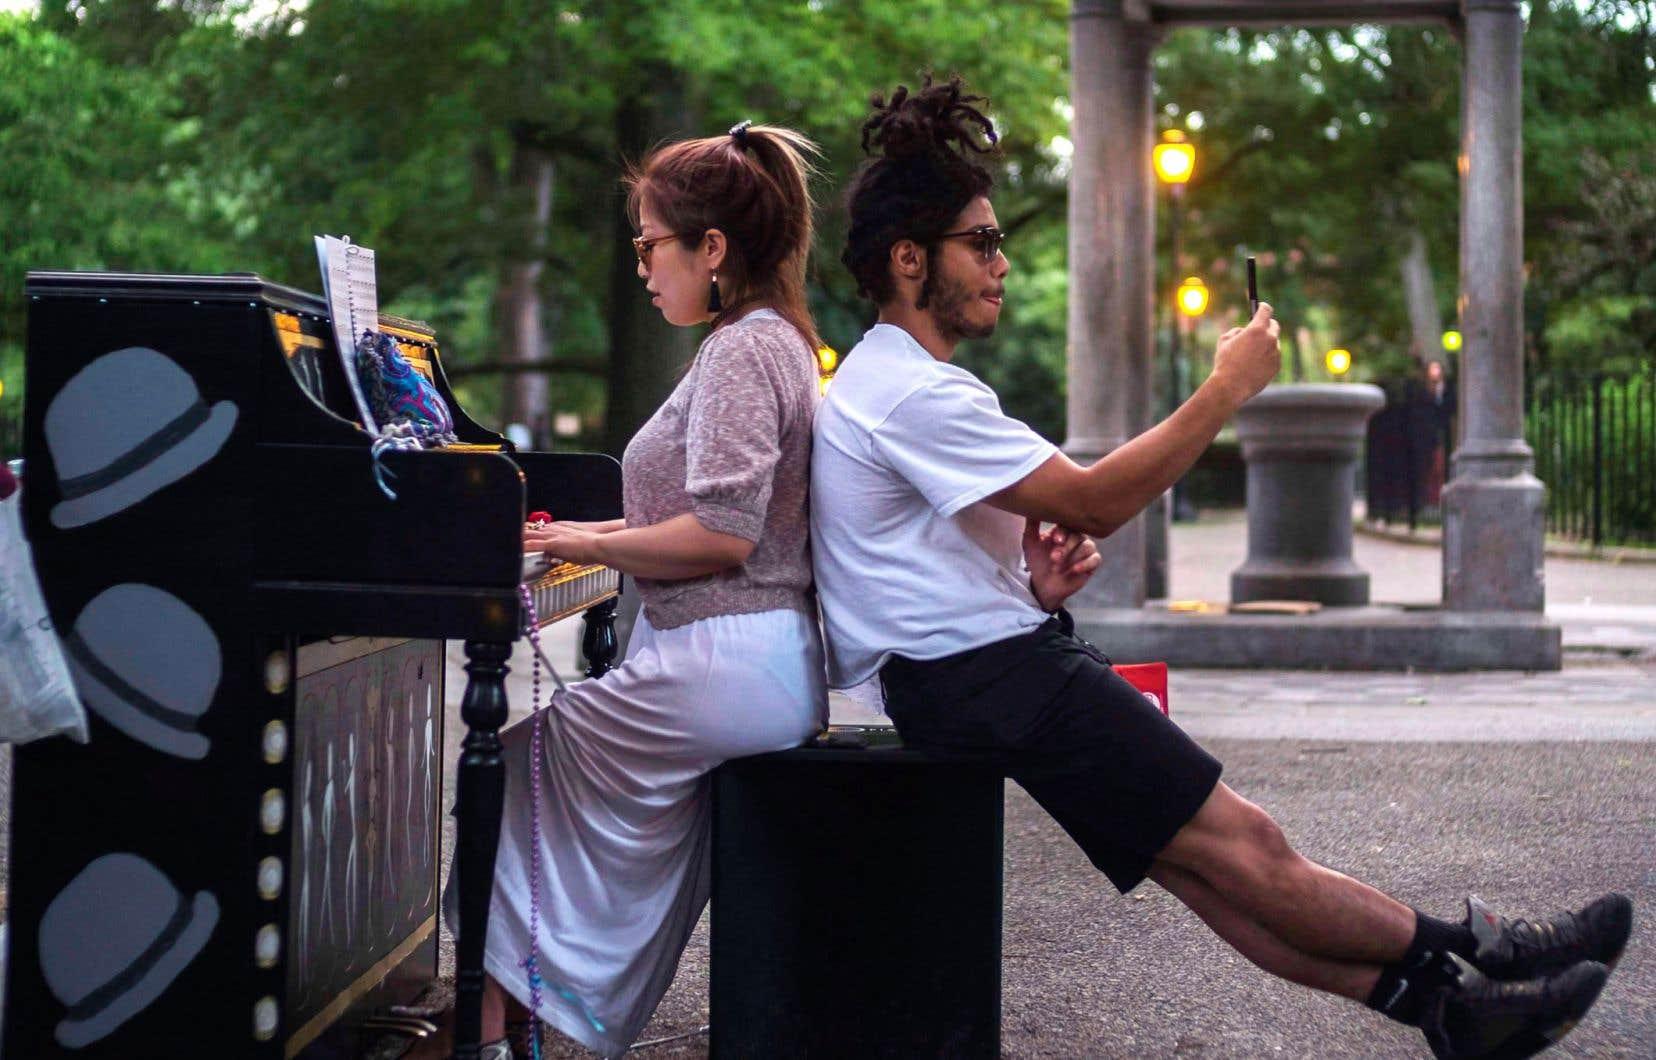 «Les pianos publics changent nos vies parce qu'ils montrent des personnes en processus d'émancipation, comme un exemple transposable à tant d'autres choses», affirme l'auteur.